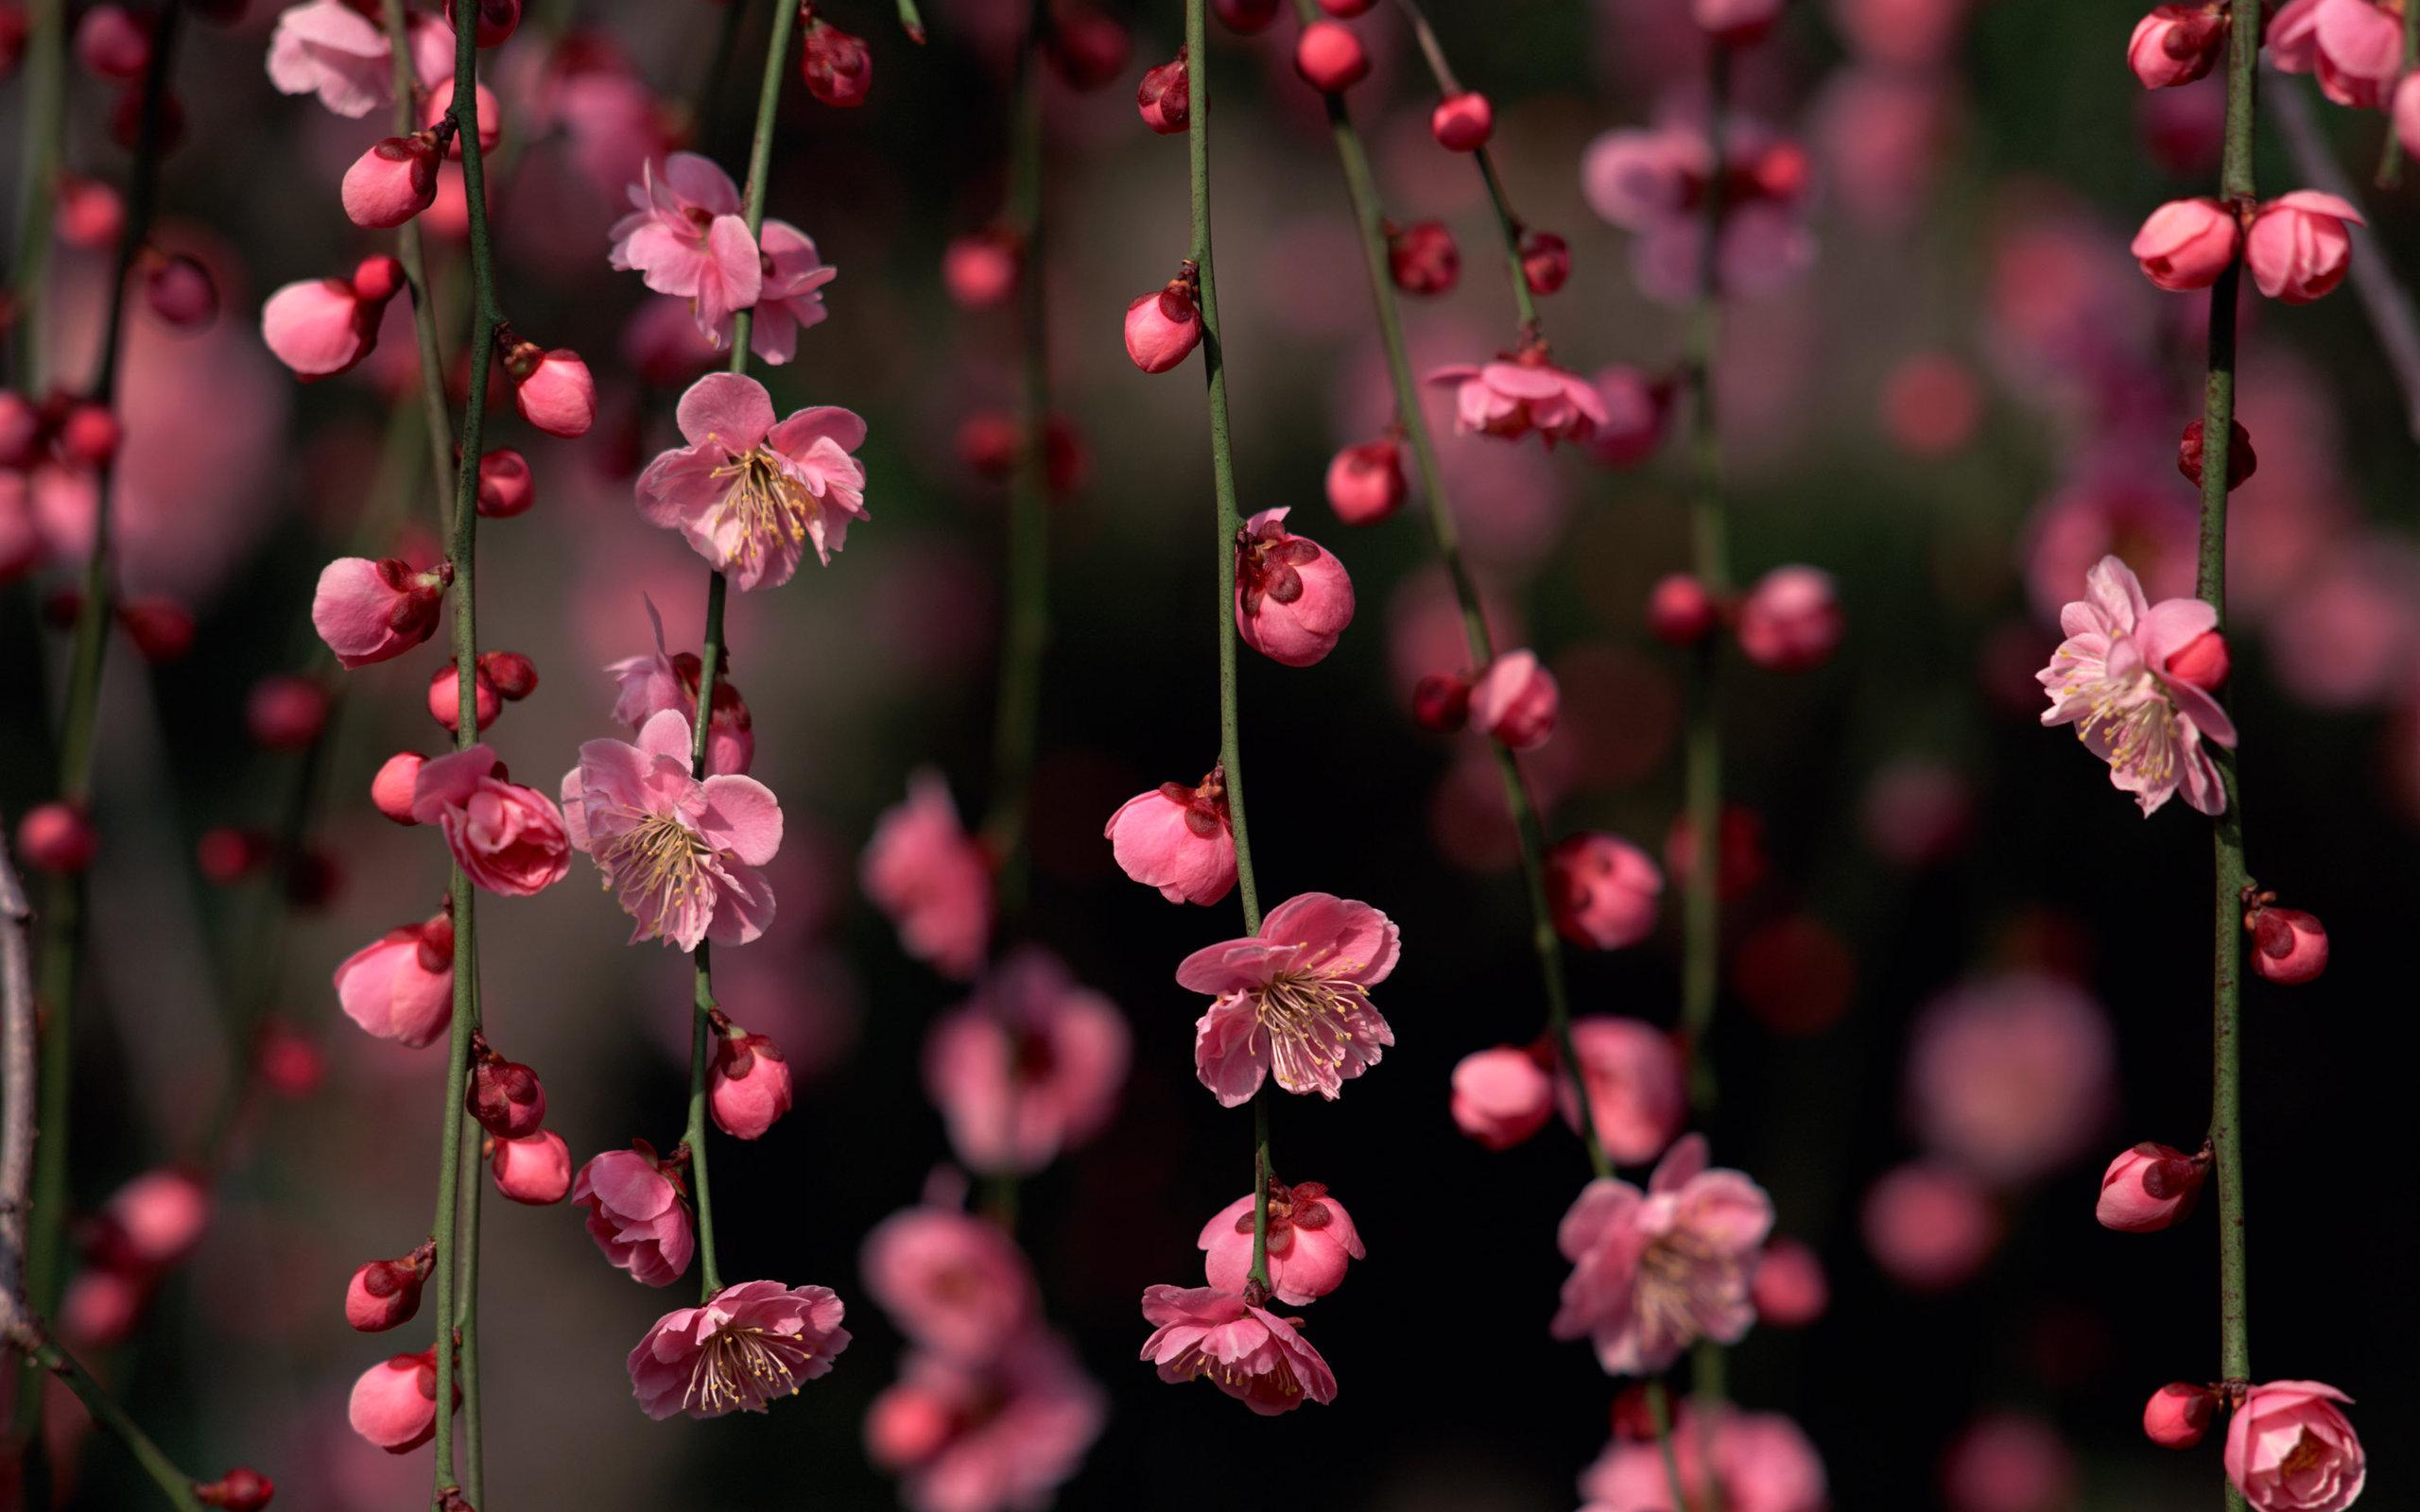 21662 Заставки и Обои Сакура на телефон. Скачать Сакура, Растения, Цветы, Деревья картинки бесплатно